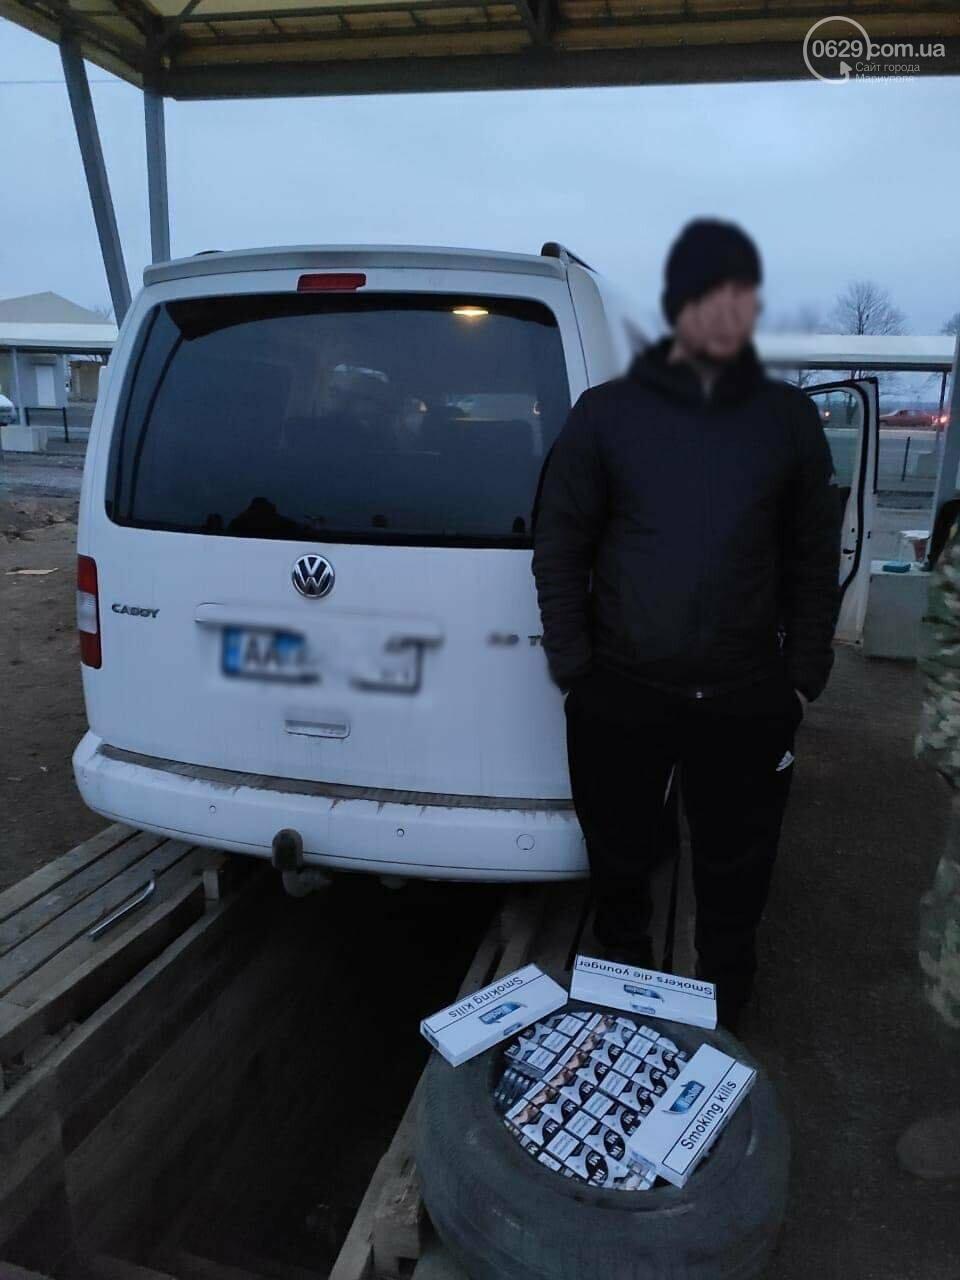 """На КПВВ под Мариуполем мужчина """"накачал"""" колесо 590 пачками сигарет, - ФОТО, фото-5"""